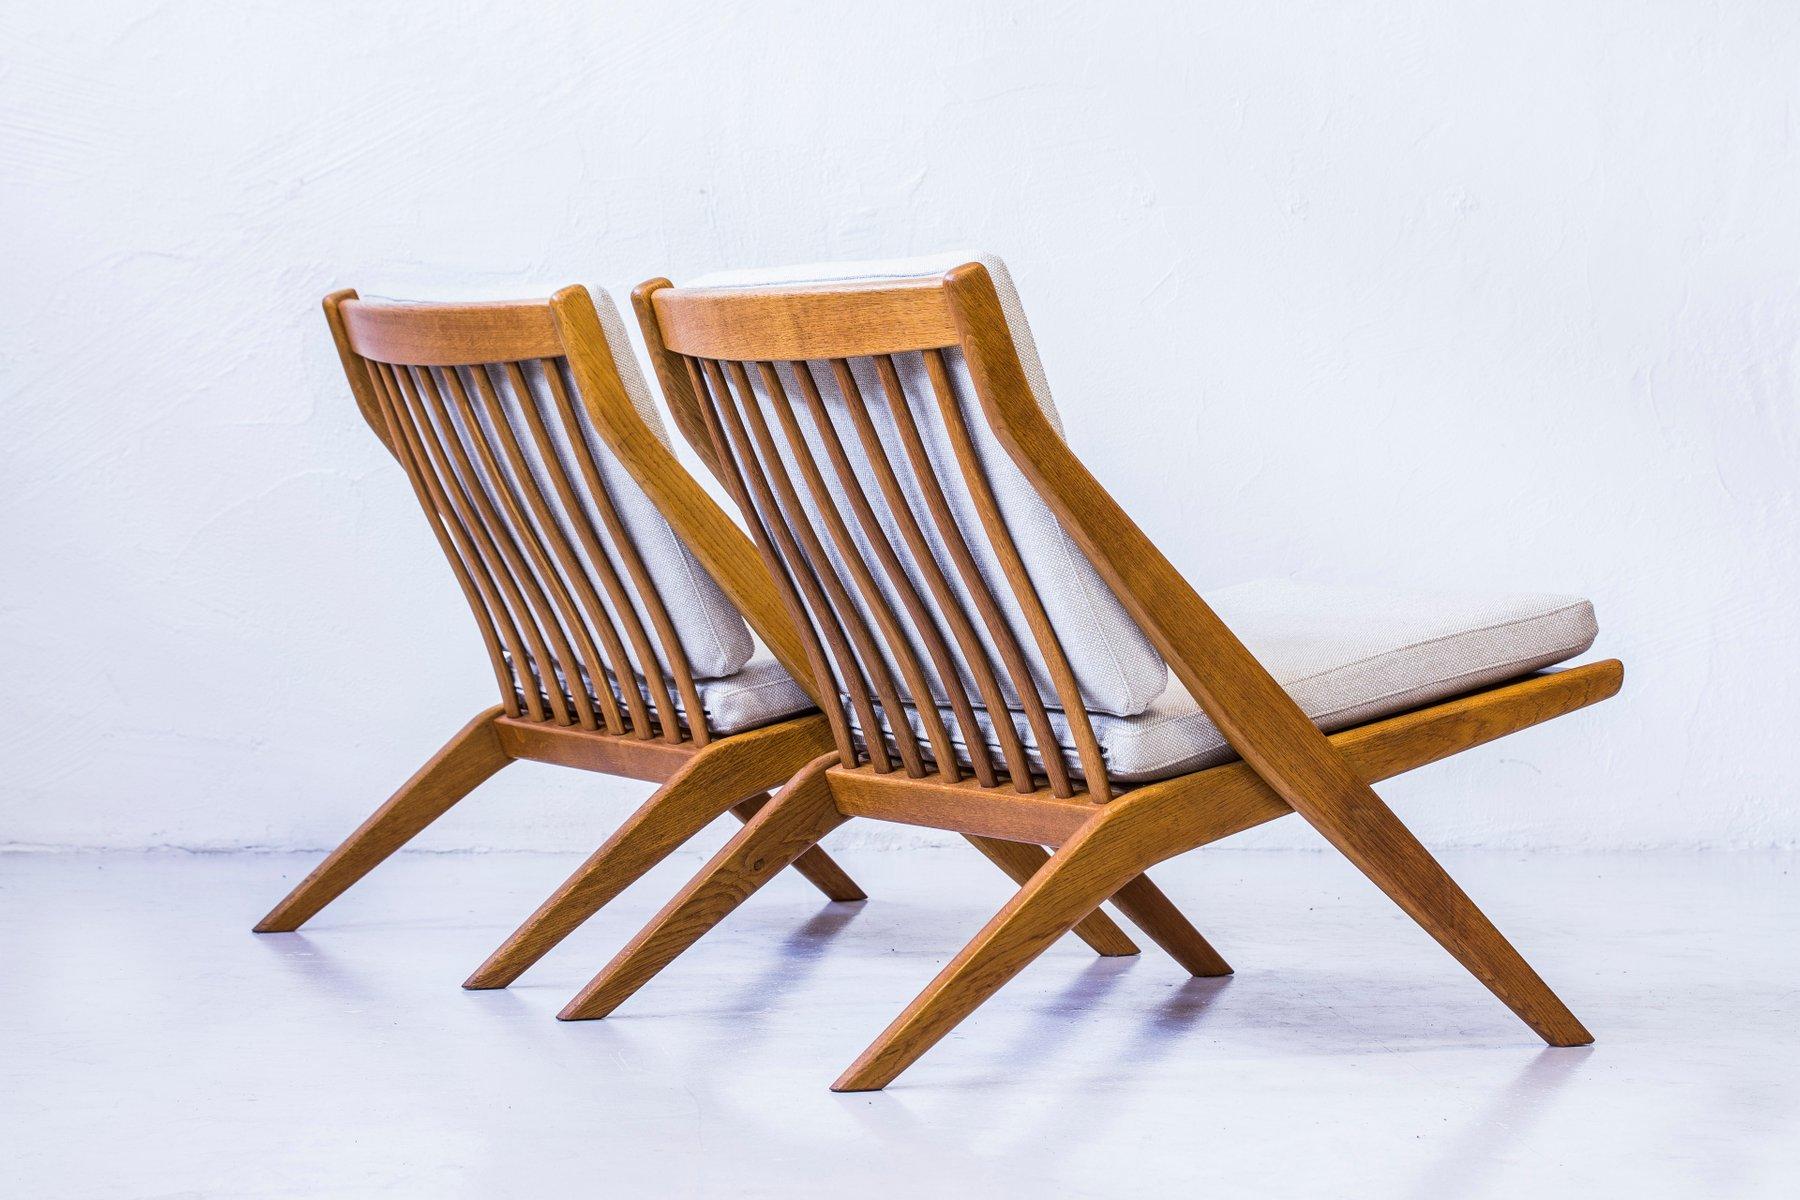 Chaise longue ciseaux mid century par folke ohlsson pour bodafors set de 2 en vente sur pamono - Chaise longue en anglais ...